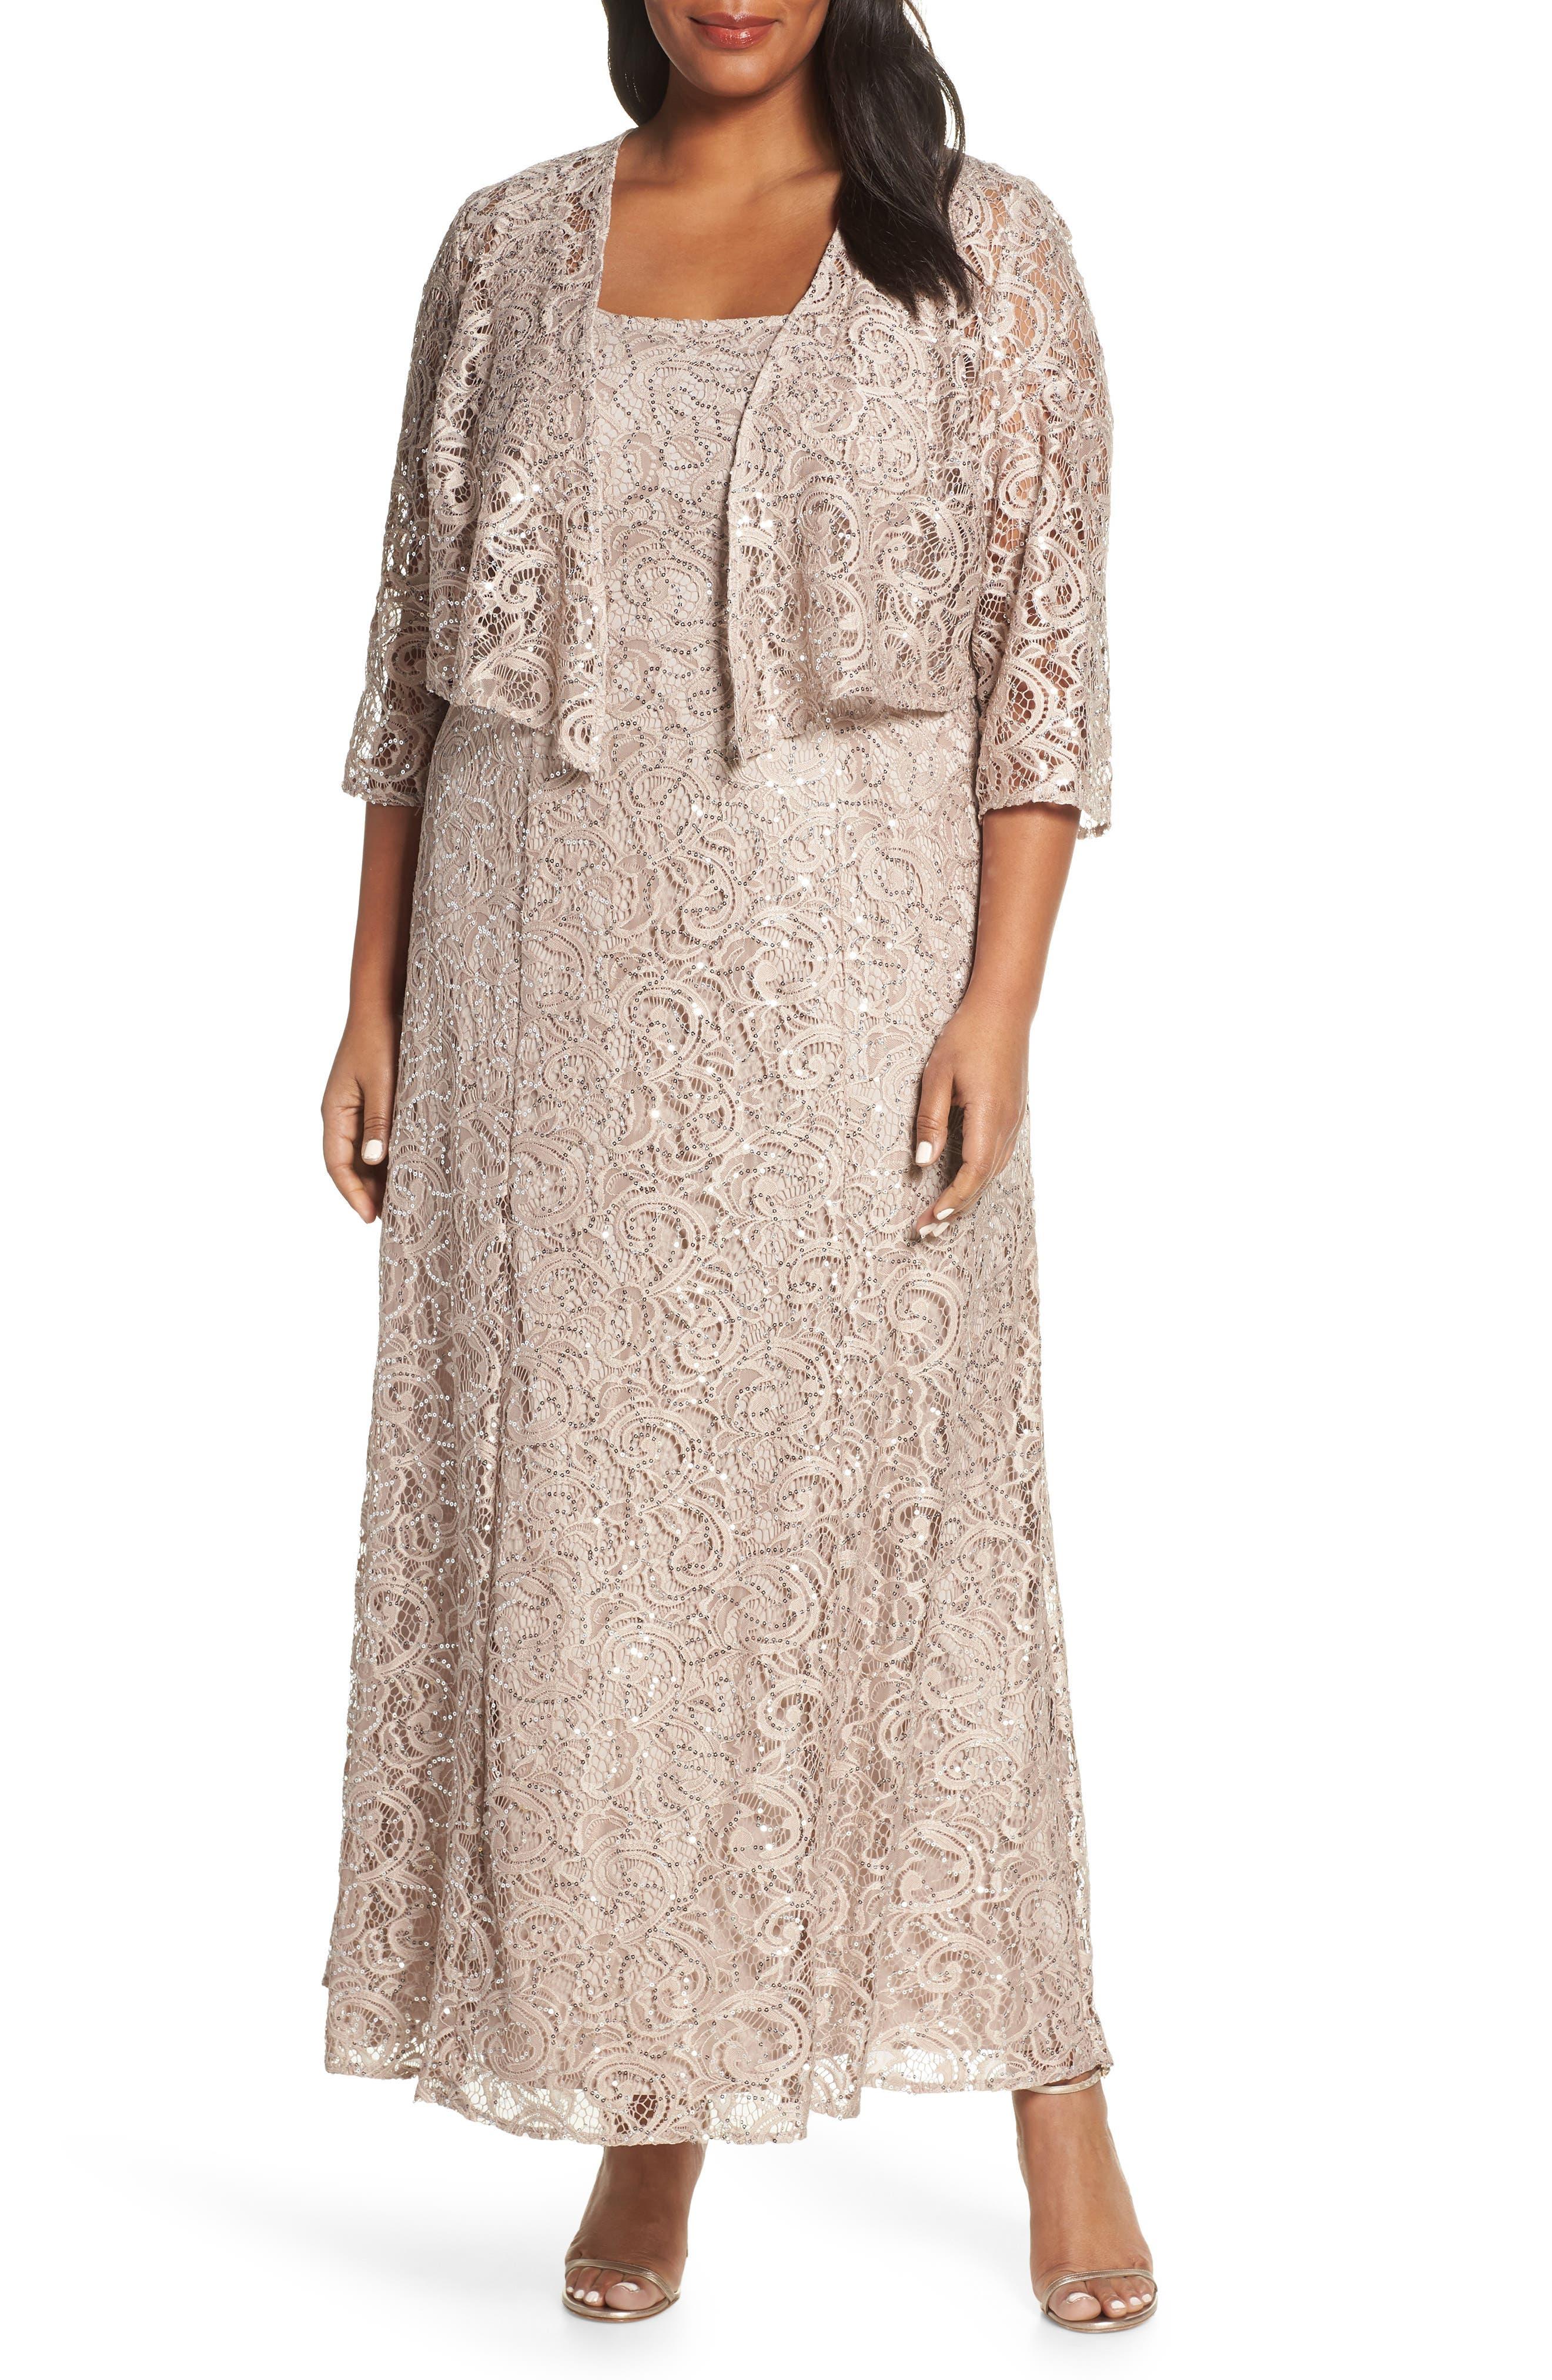 ALEX EVENINGS Lace & Sequin Jacket Dress, Main, color, BUFF